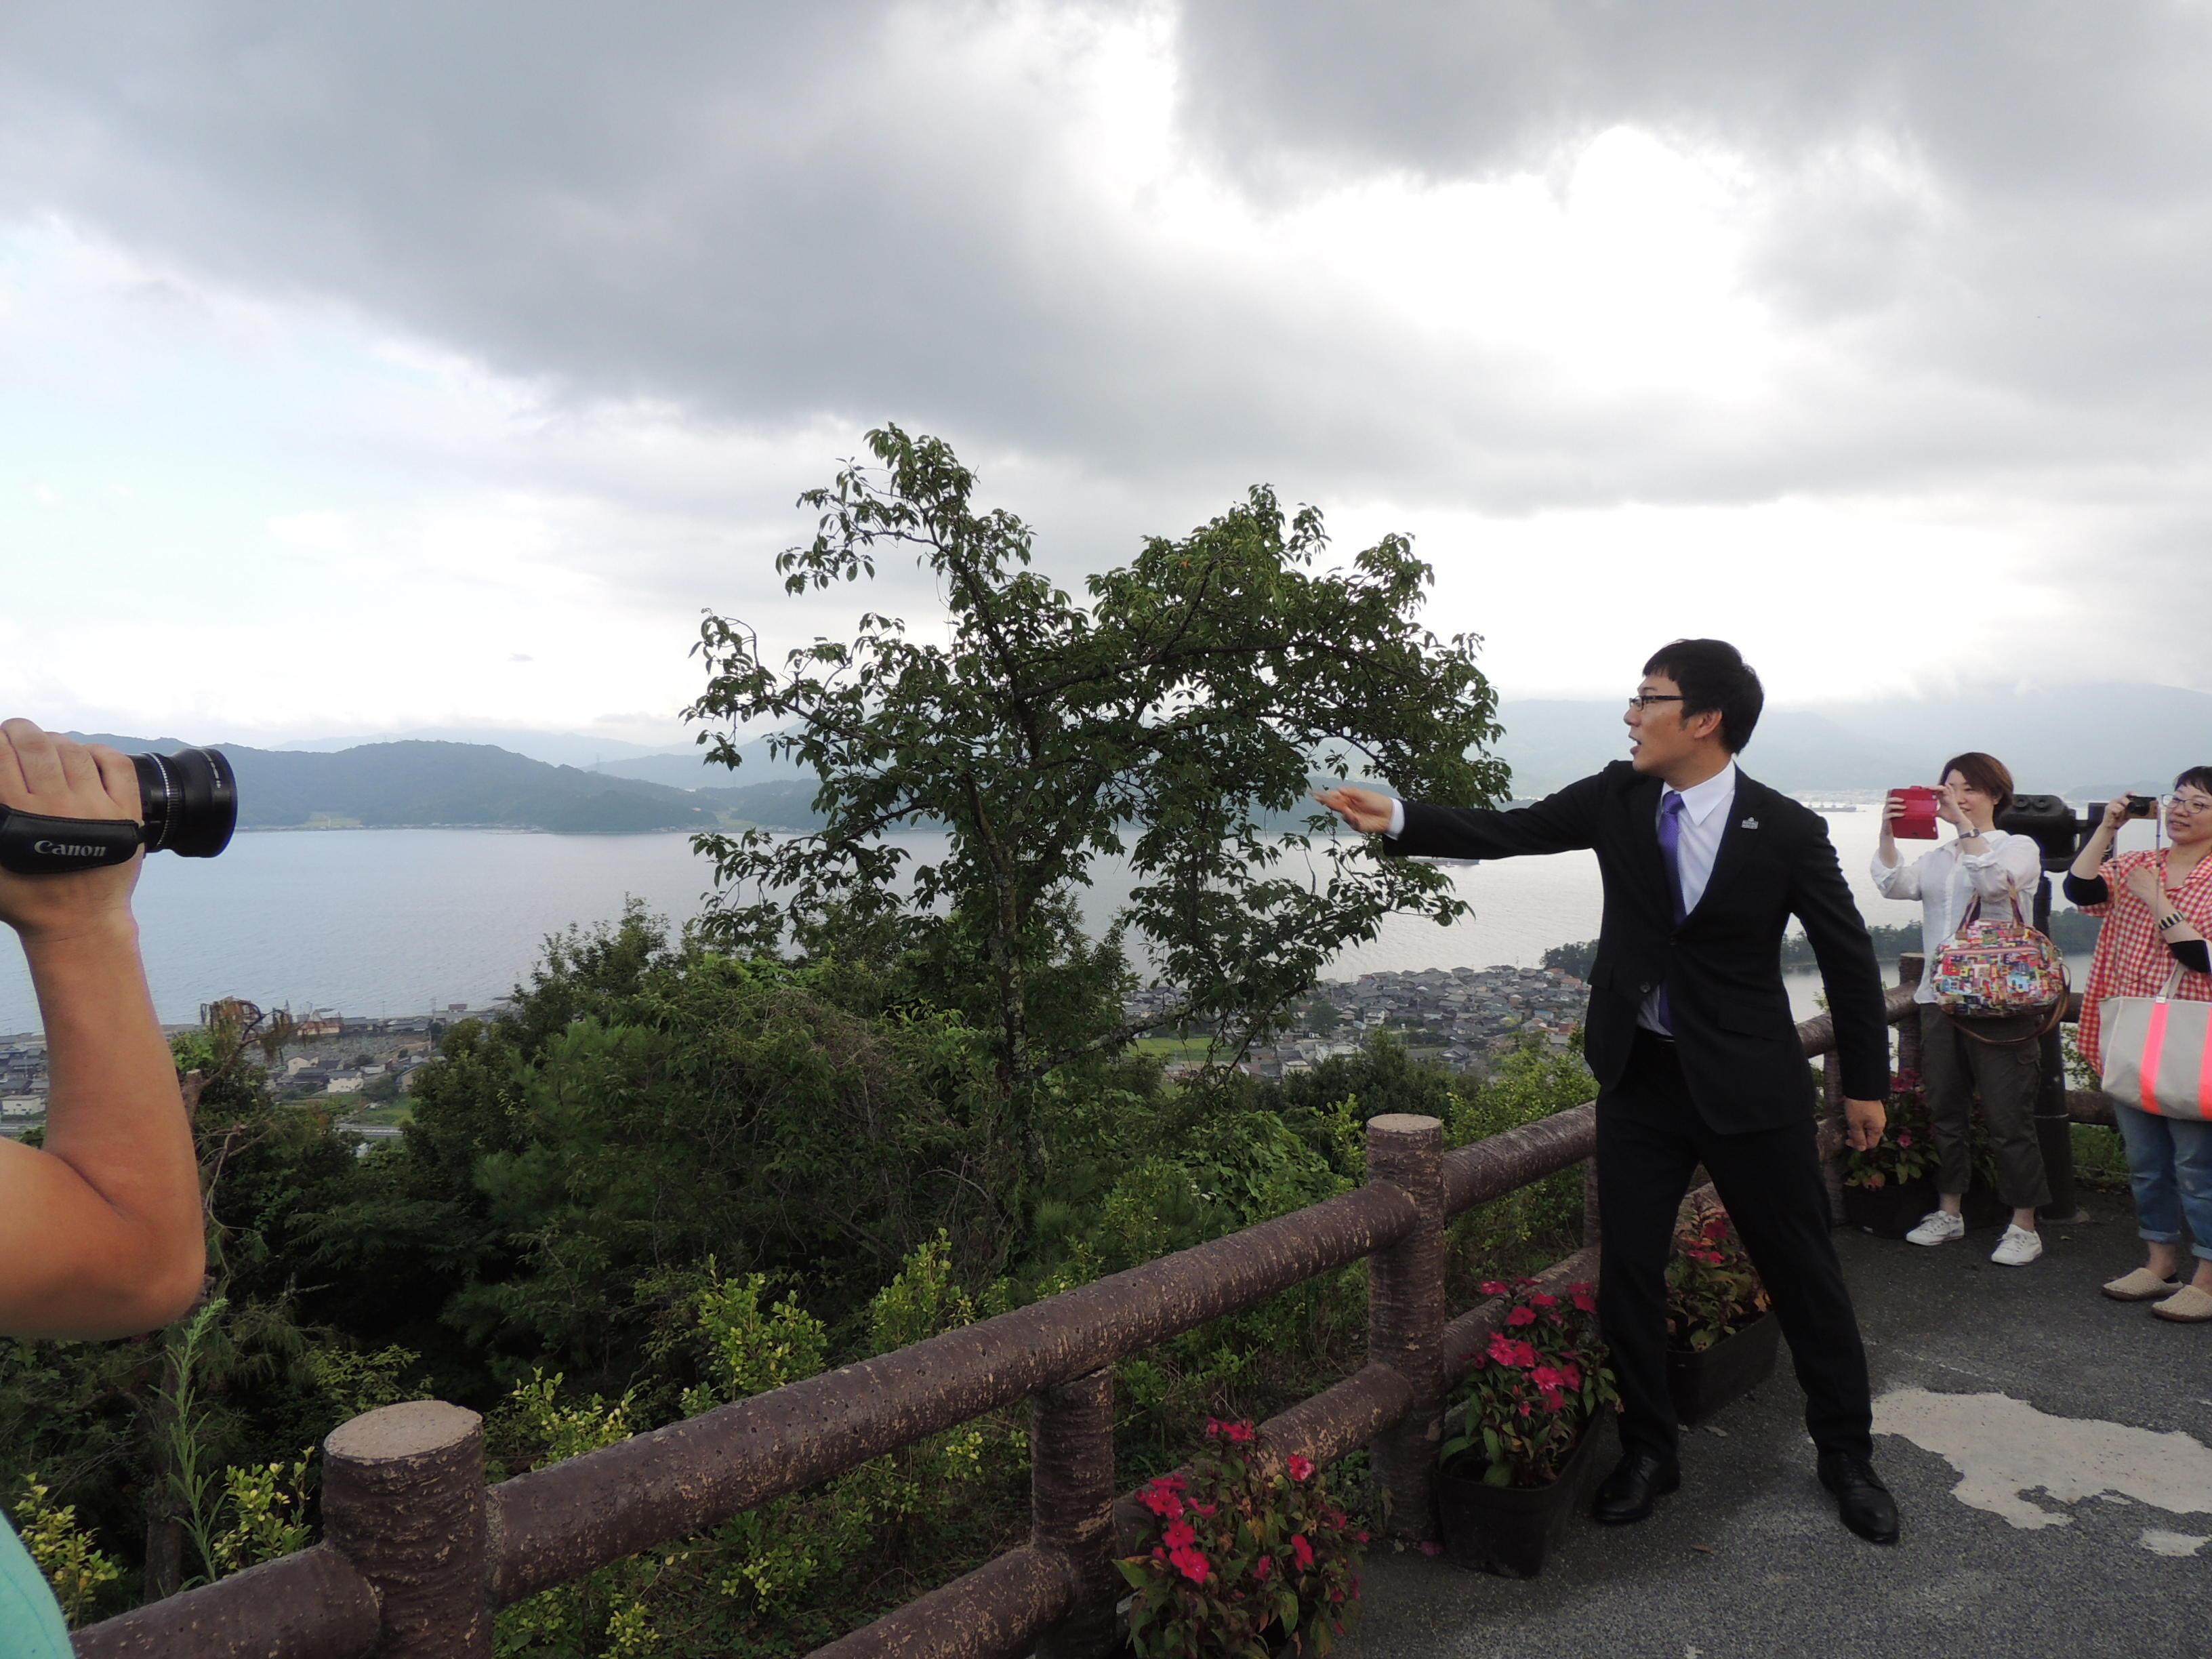 http://news.yoshimoto.co.jp/20160903210511-96ebd9185981b512212ac00c2dbc00028dfd19a4.jpg